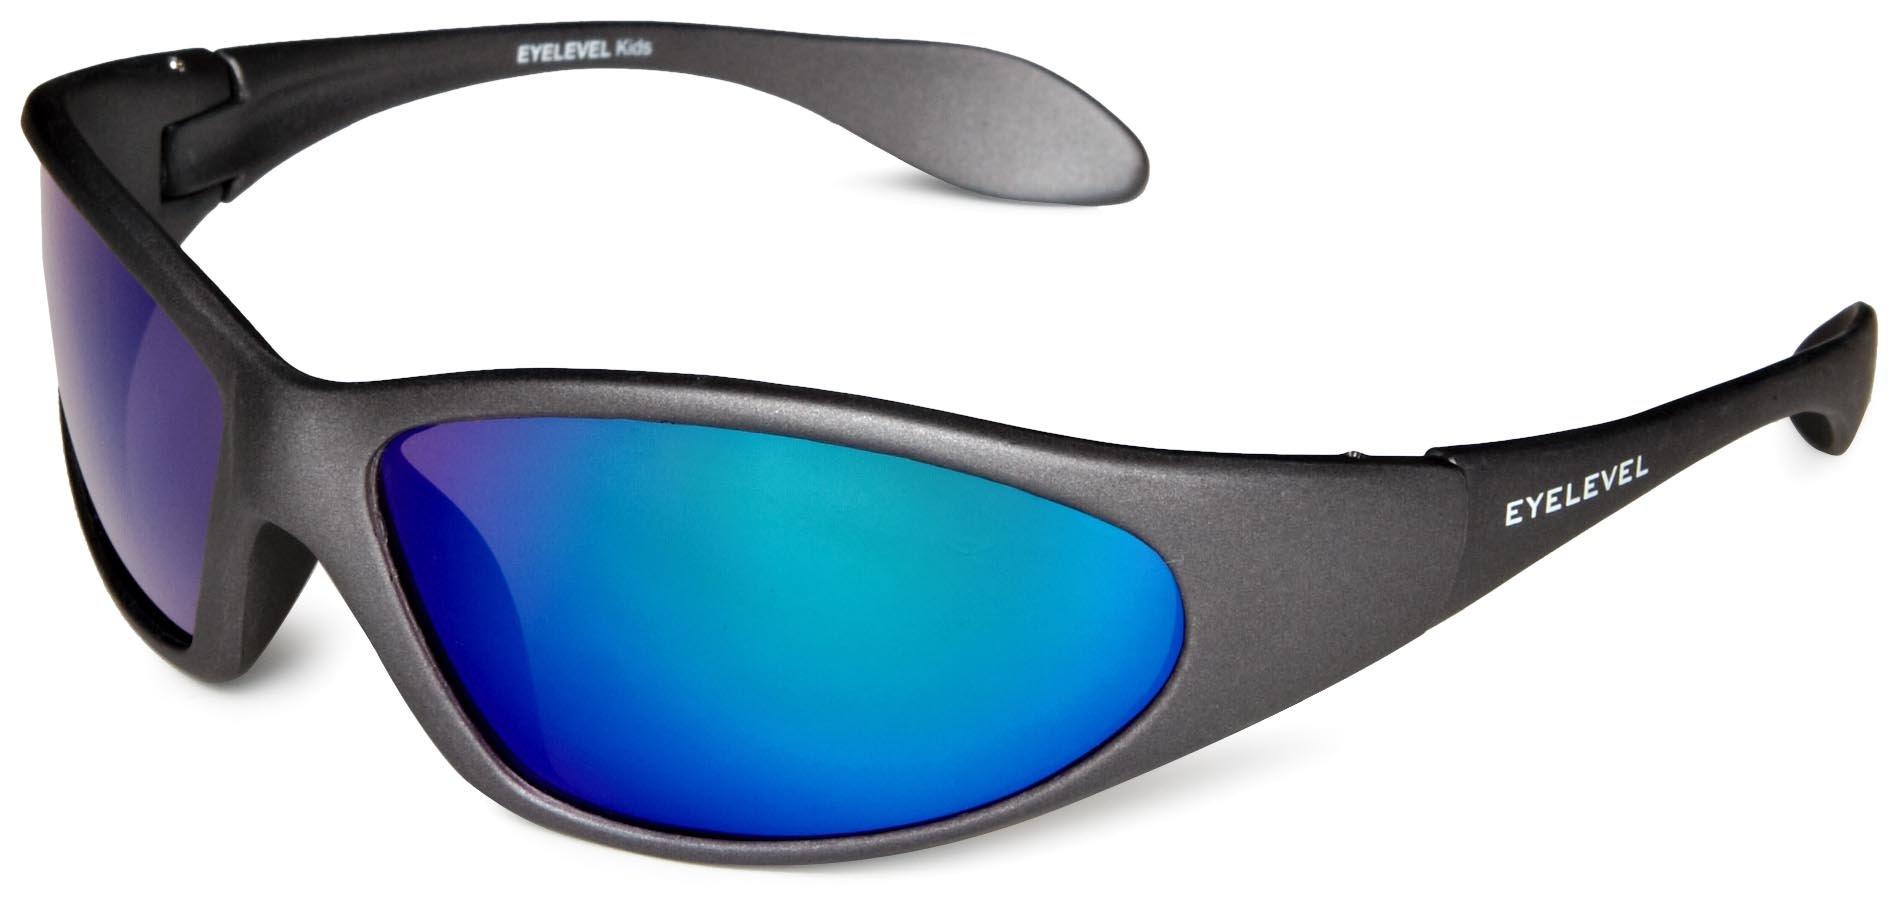 Eyelevel Dragonfly 3 Boys Sunglasses